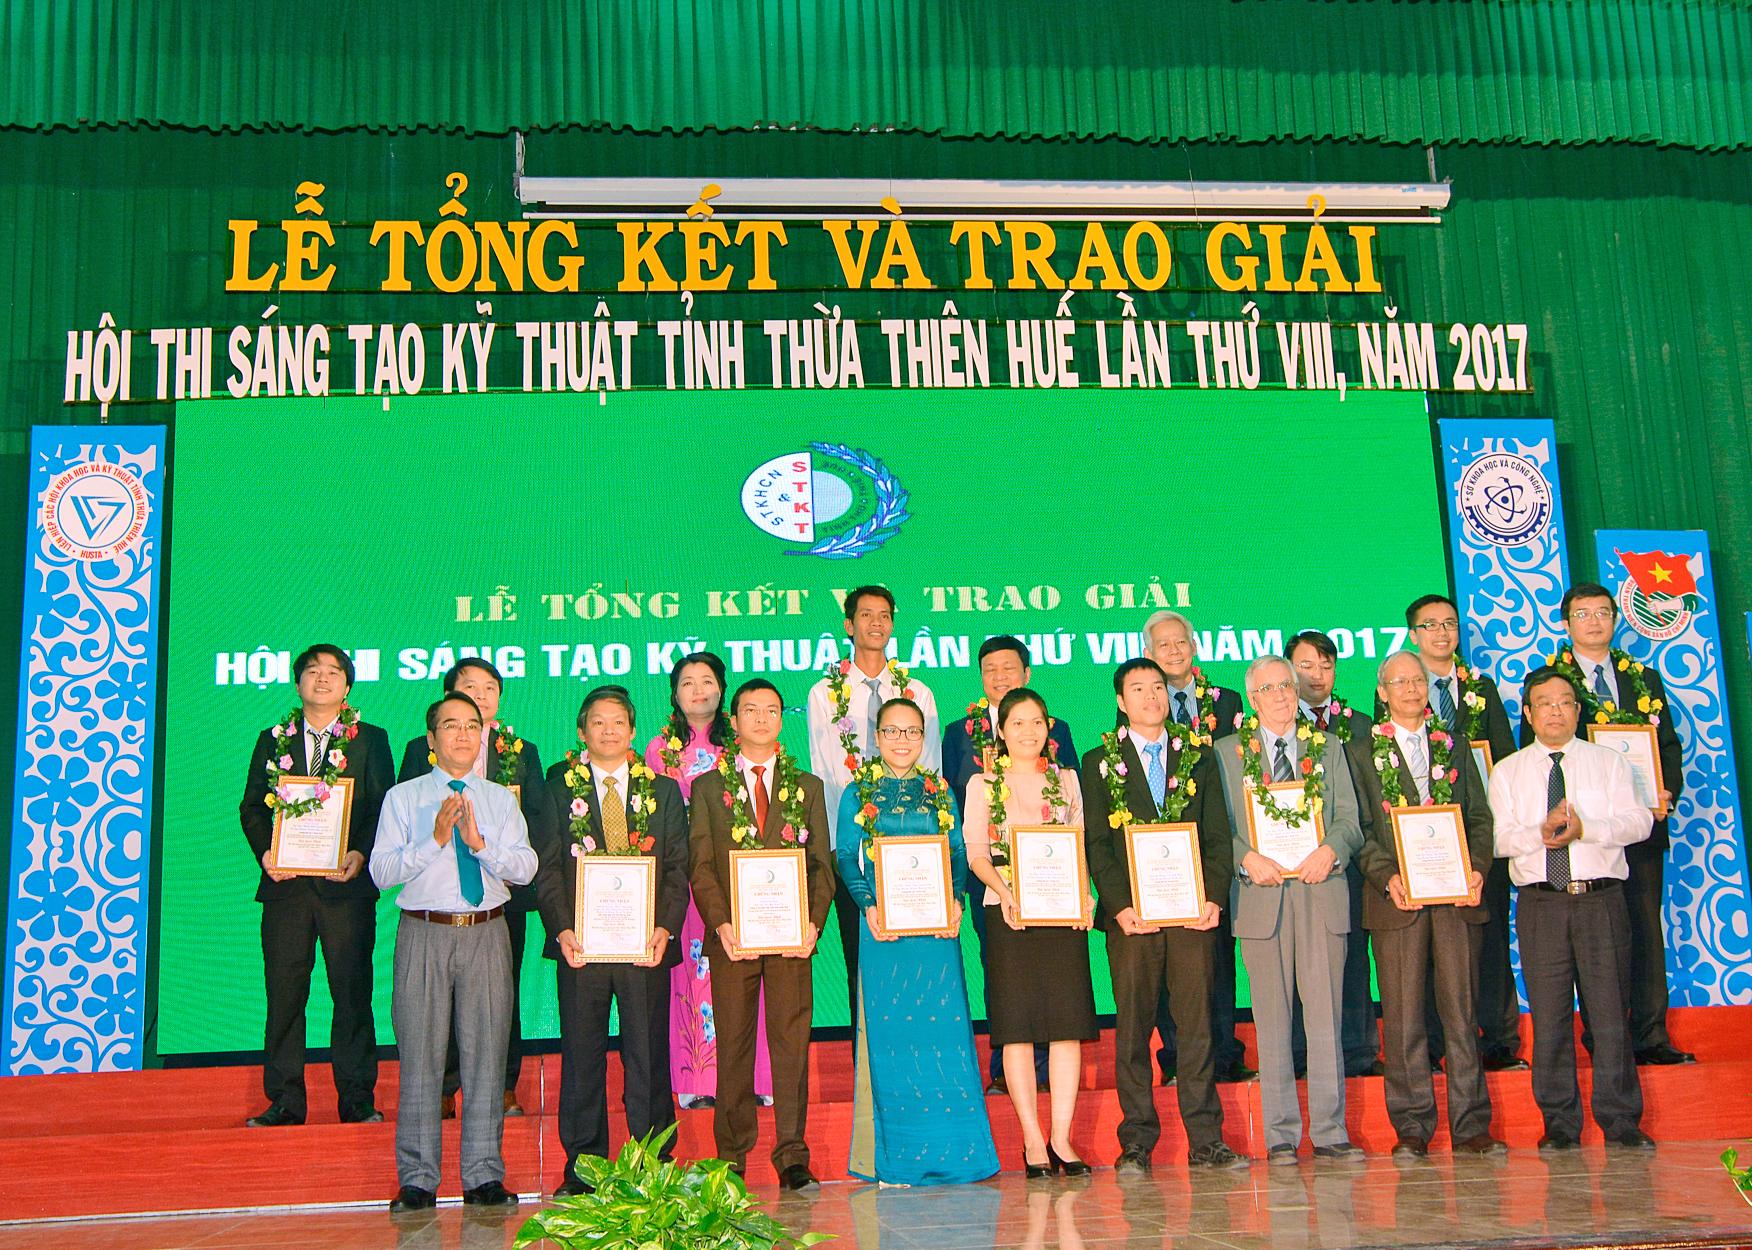 Lễ tổng kết và trao giải Hội thi sáng tạo Kỹ thuật tỉnh T-T-Huế lần thứ 8 năm 2017.